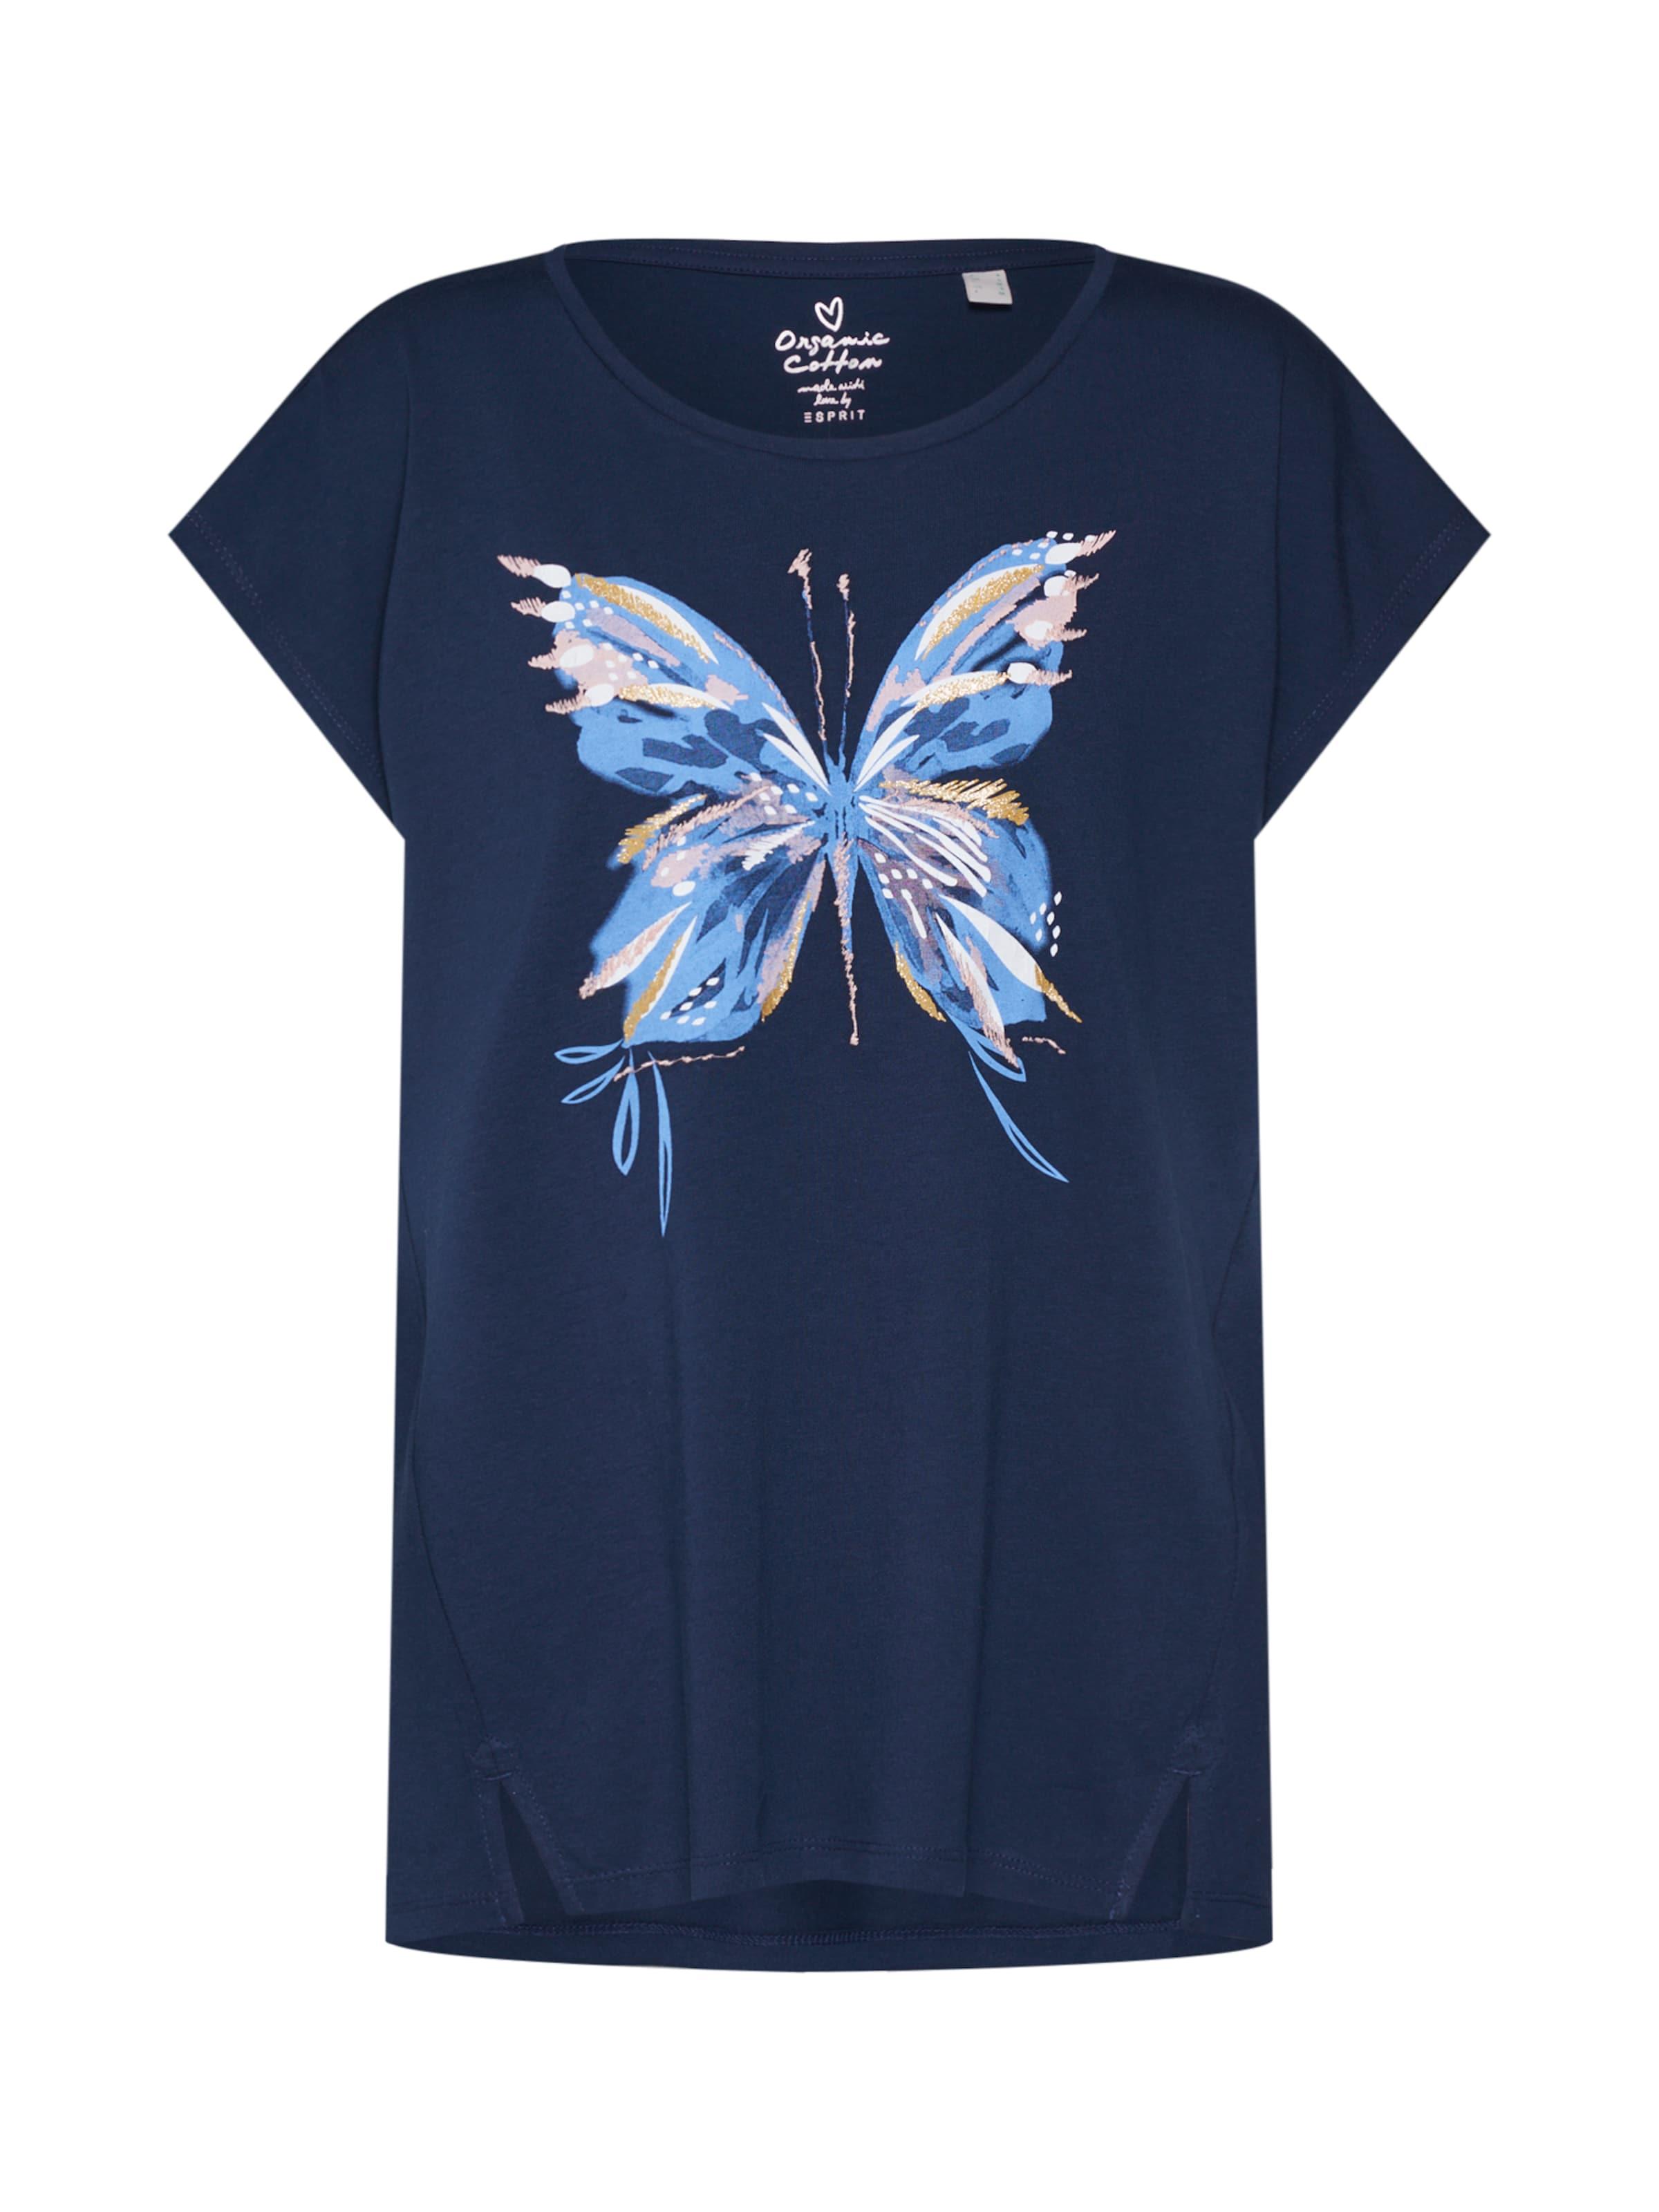 T T' En shirt Émeraude Esprit Butterfly 'ocs WxCBoerd